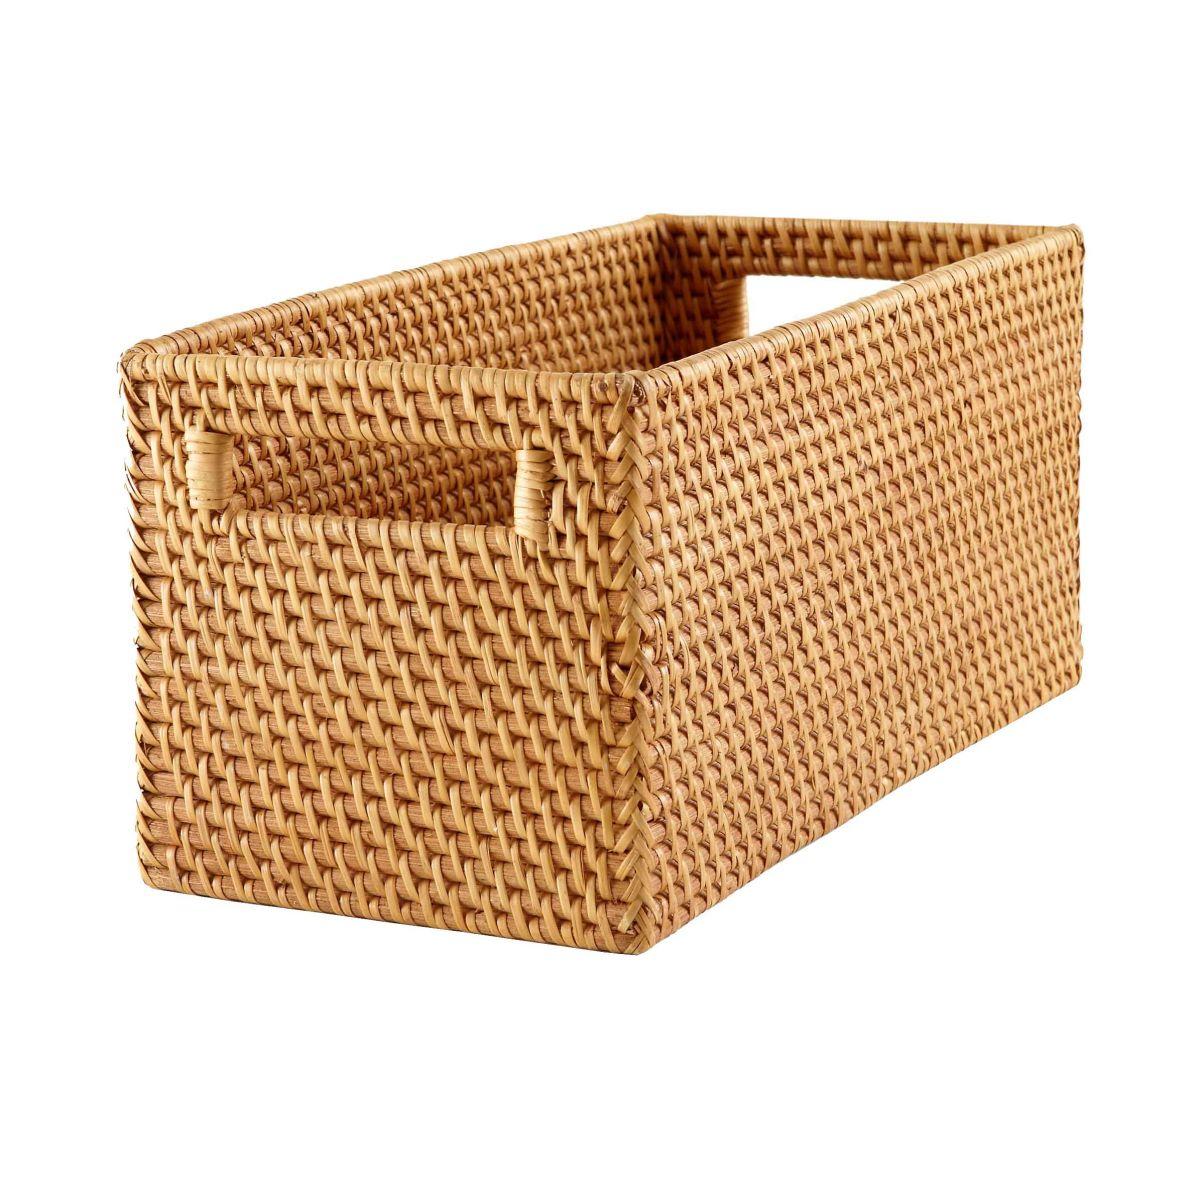 Changer Basket